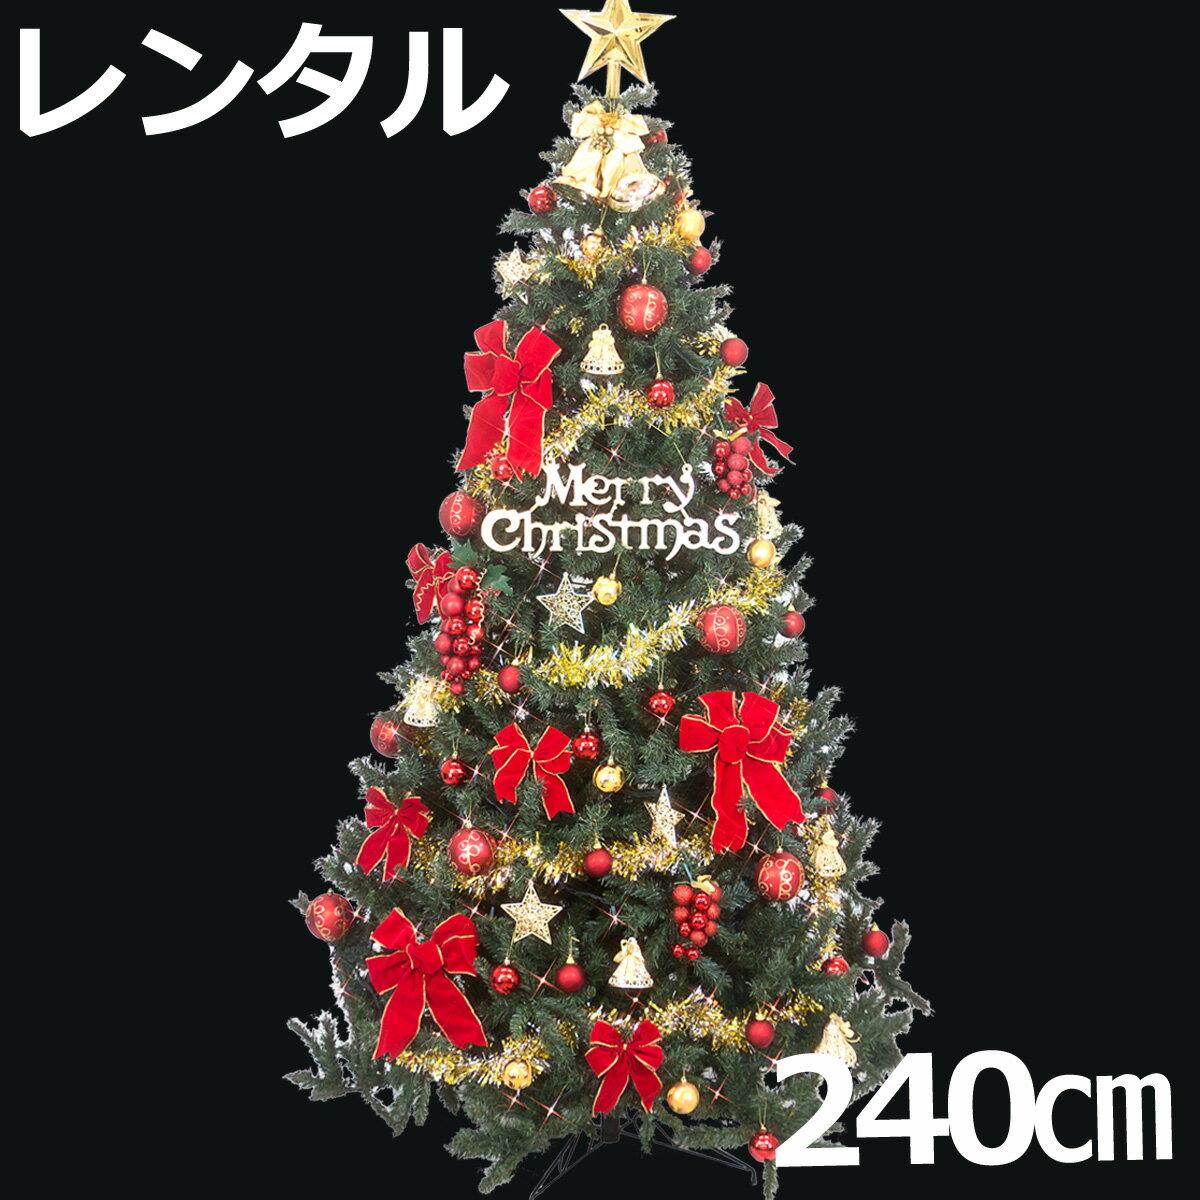 【レンタル】 クリスマスツリー セット 240cm レッド&ゴールド 【往復 送料無料】 クリスマスツリー レンタル fy16REN07